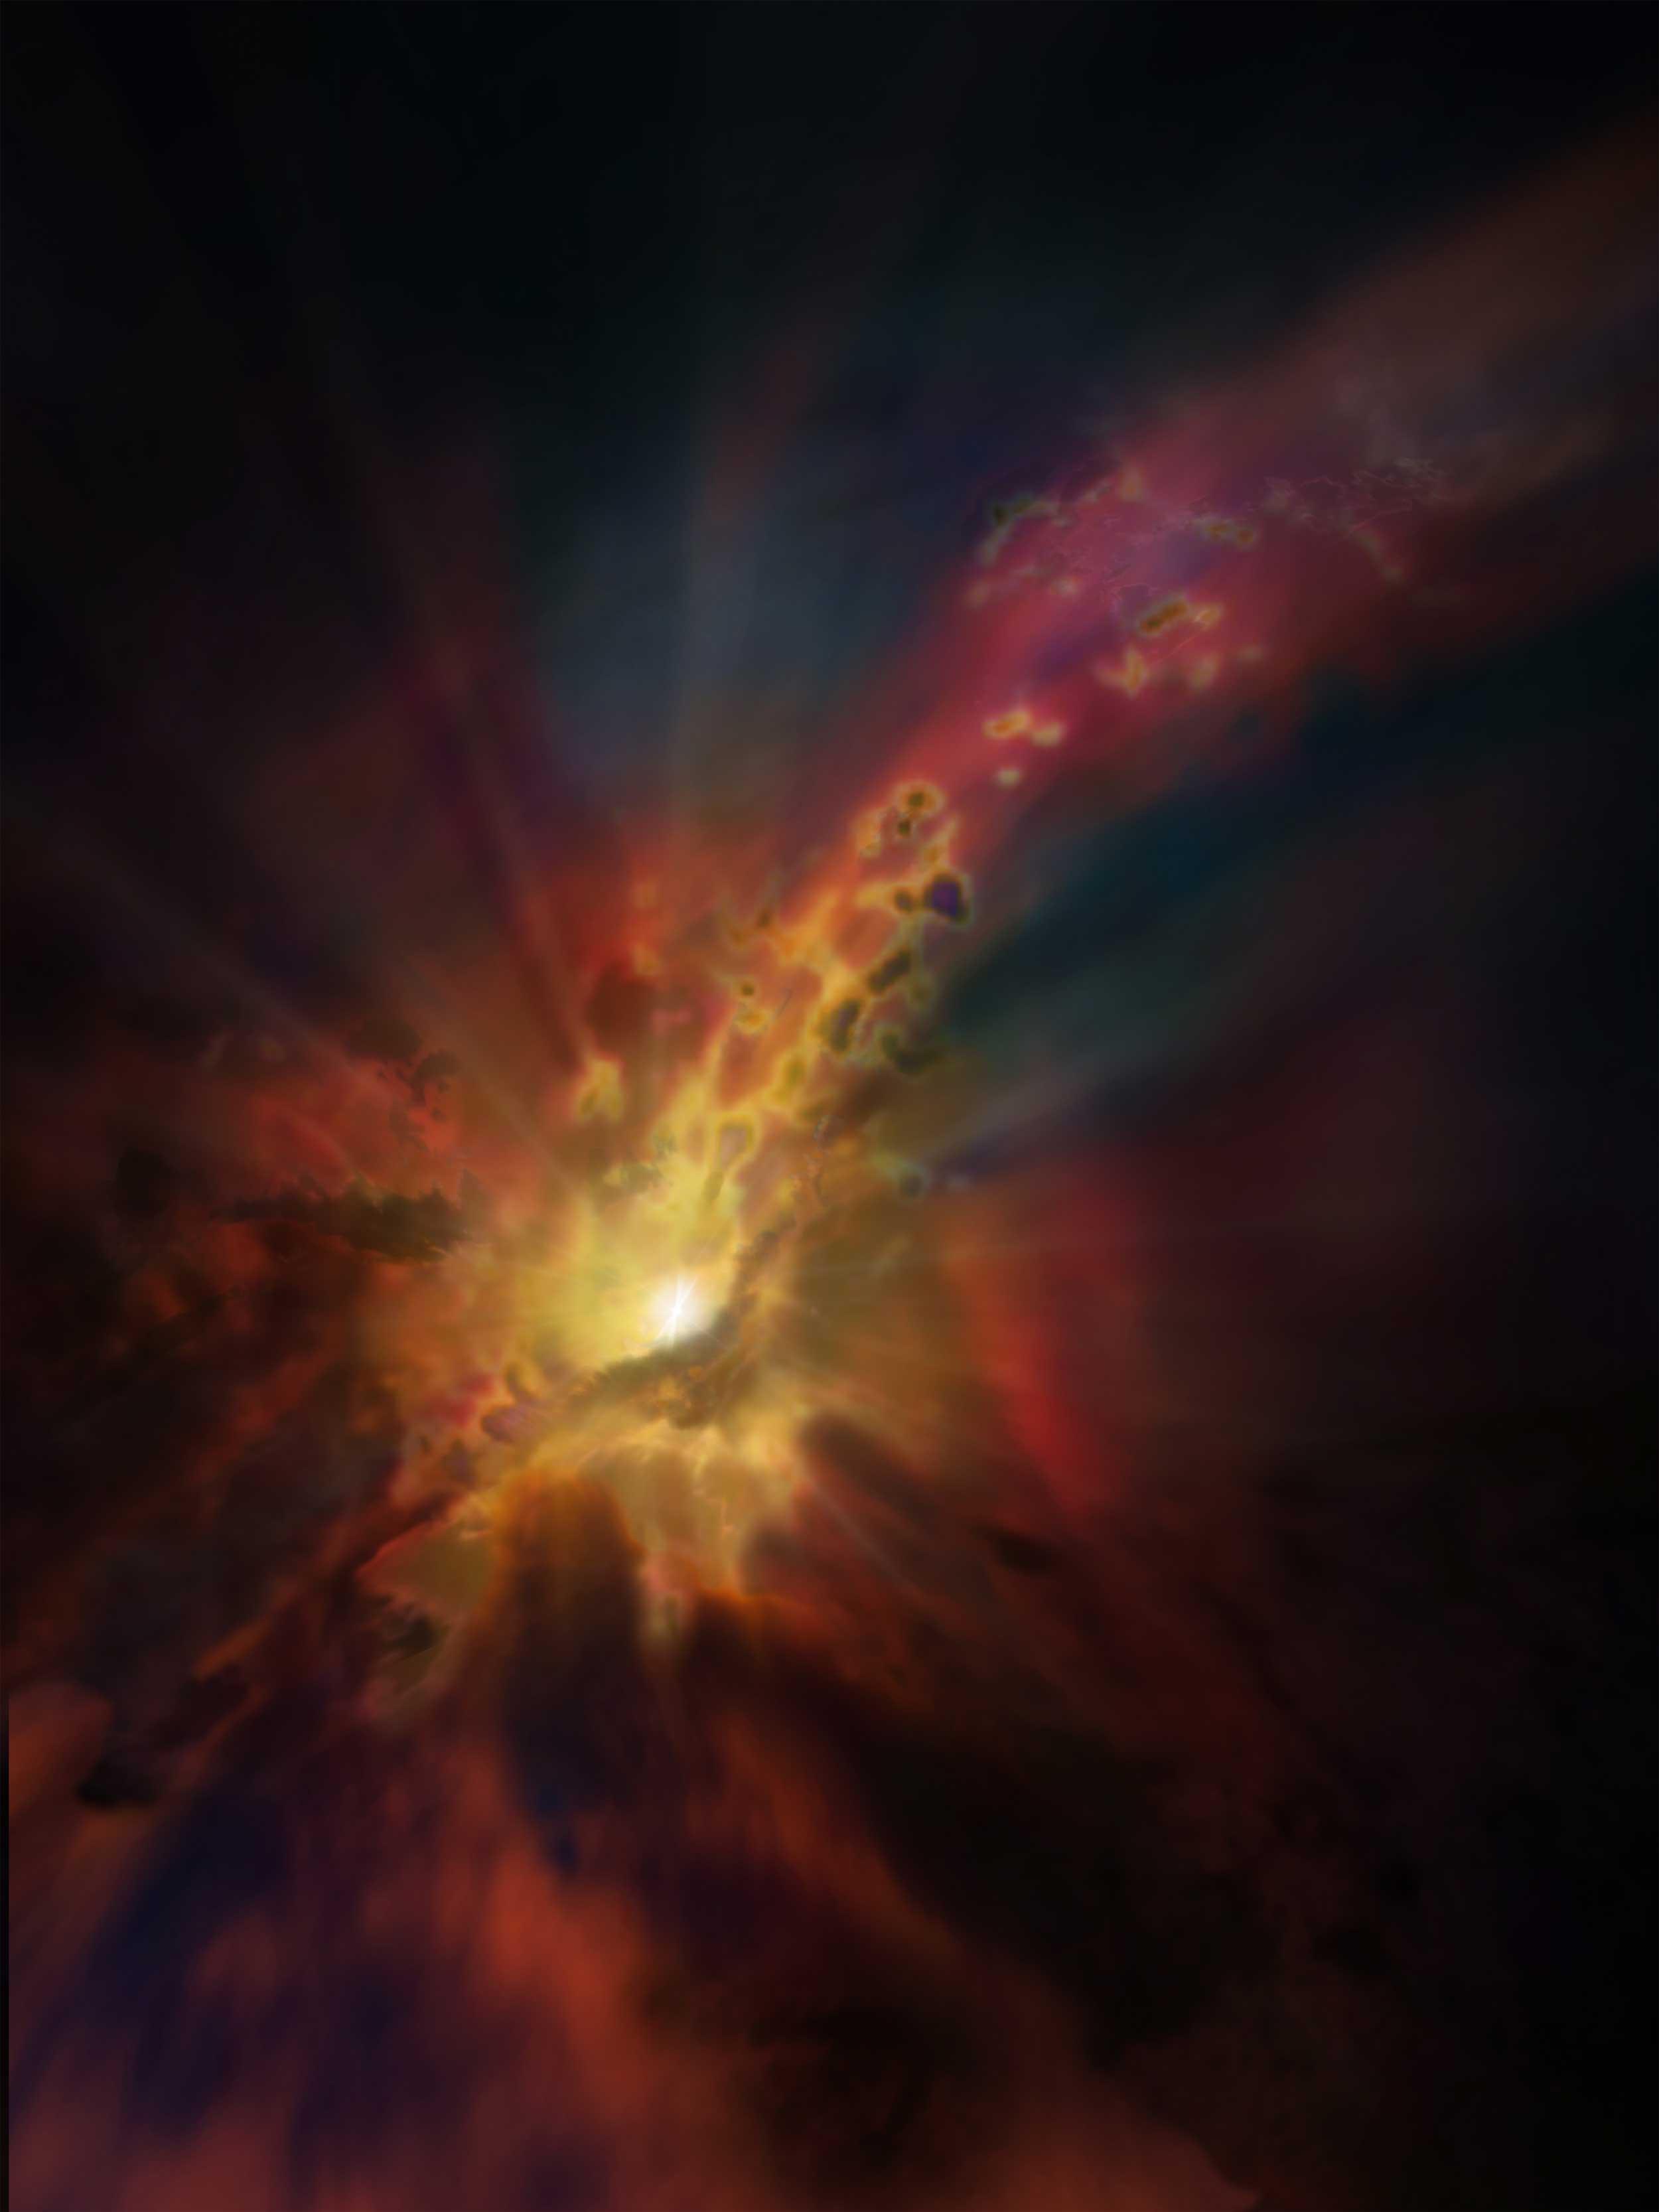 """Об особенностях """"питания"""" черной дыры в галактике Abell 2597 [фото]"""